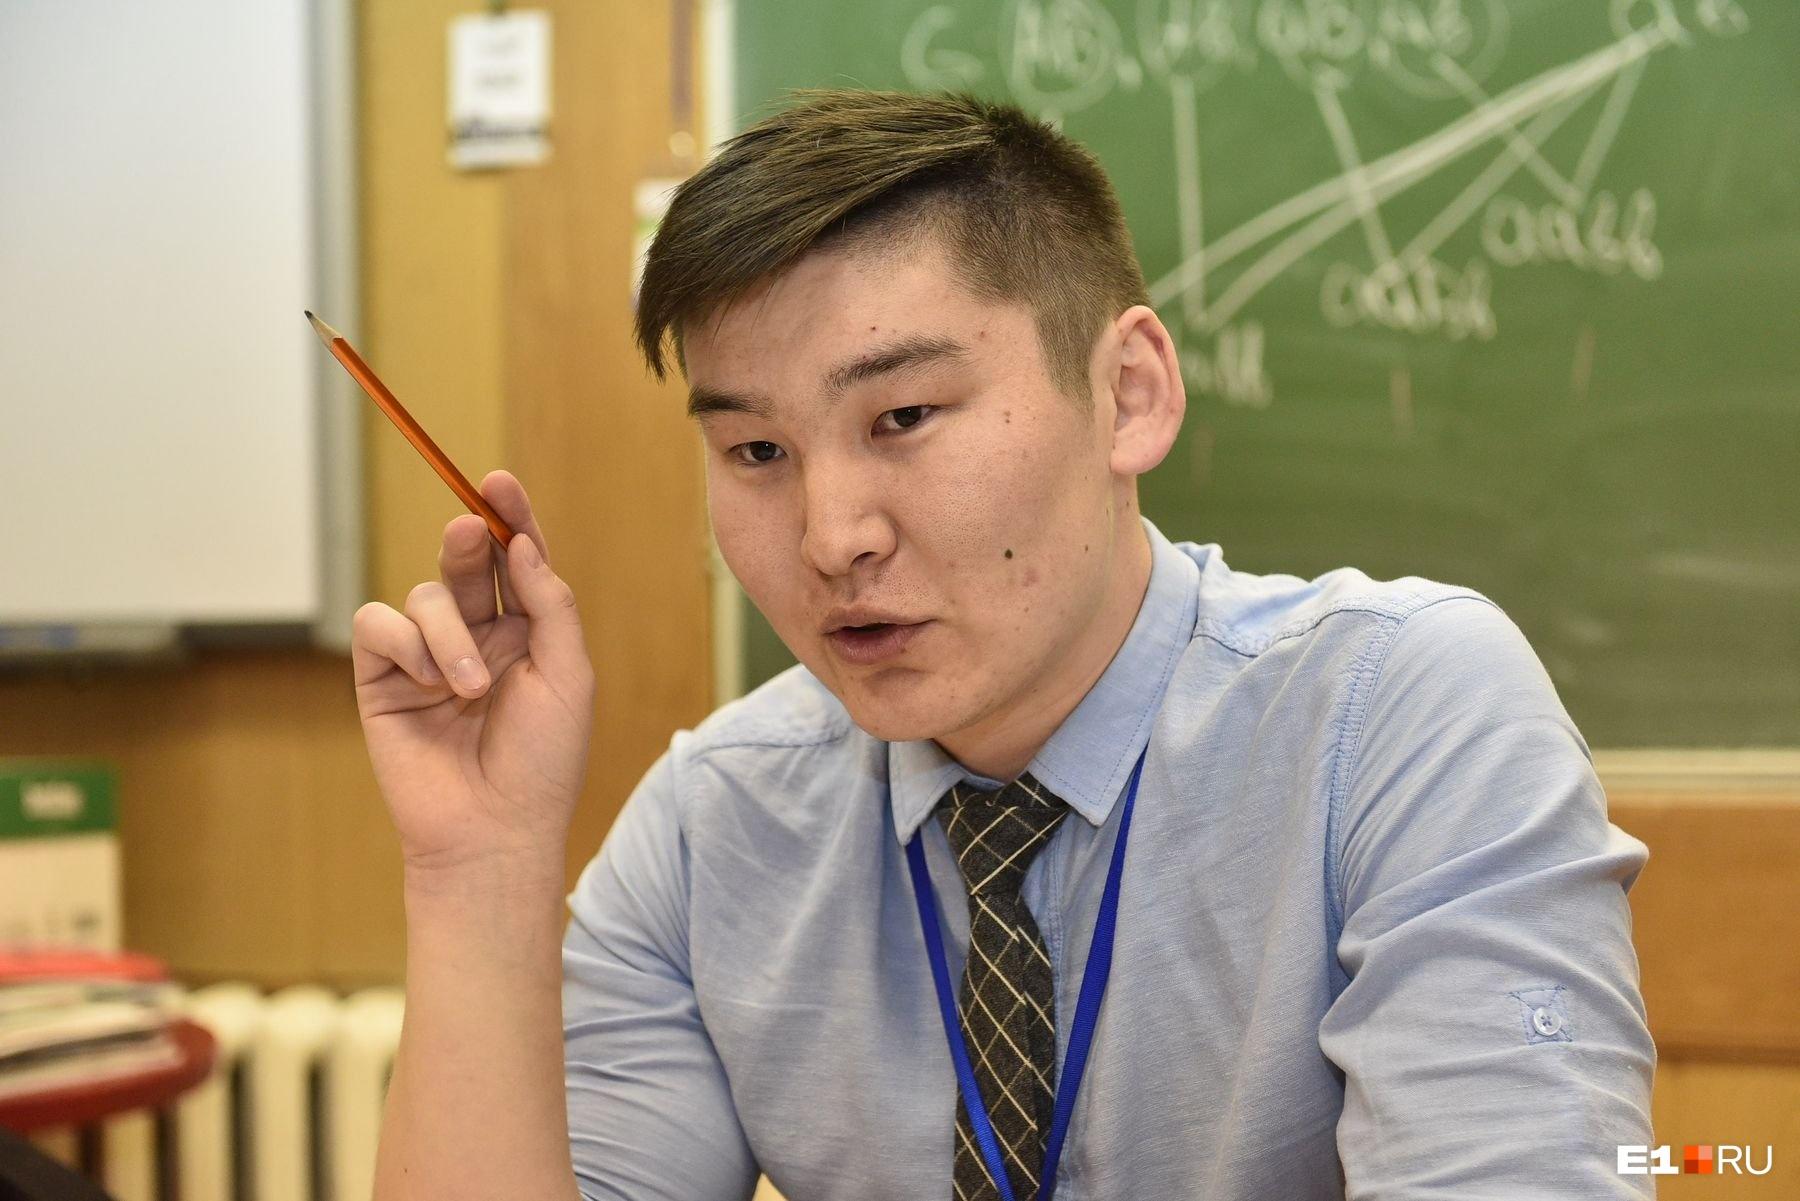 Молодой педагог уверен, что справляться с нагрузкой учителя помогает тайм-менеджмент